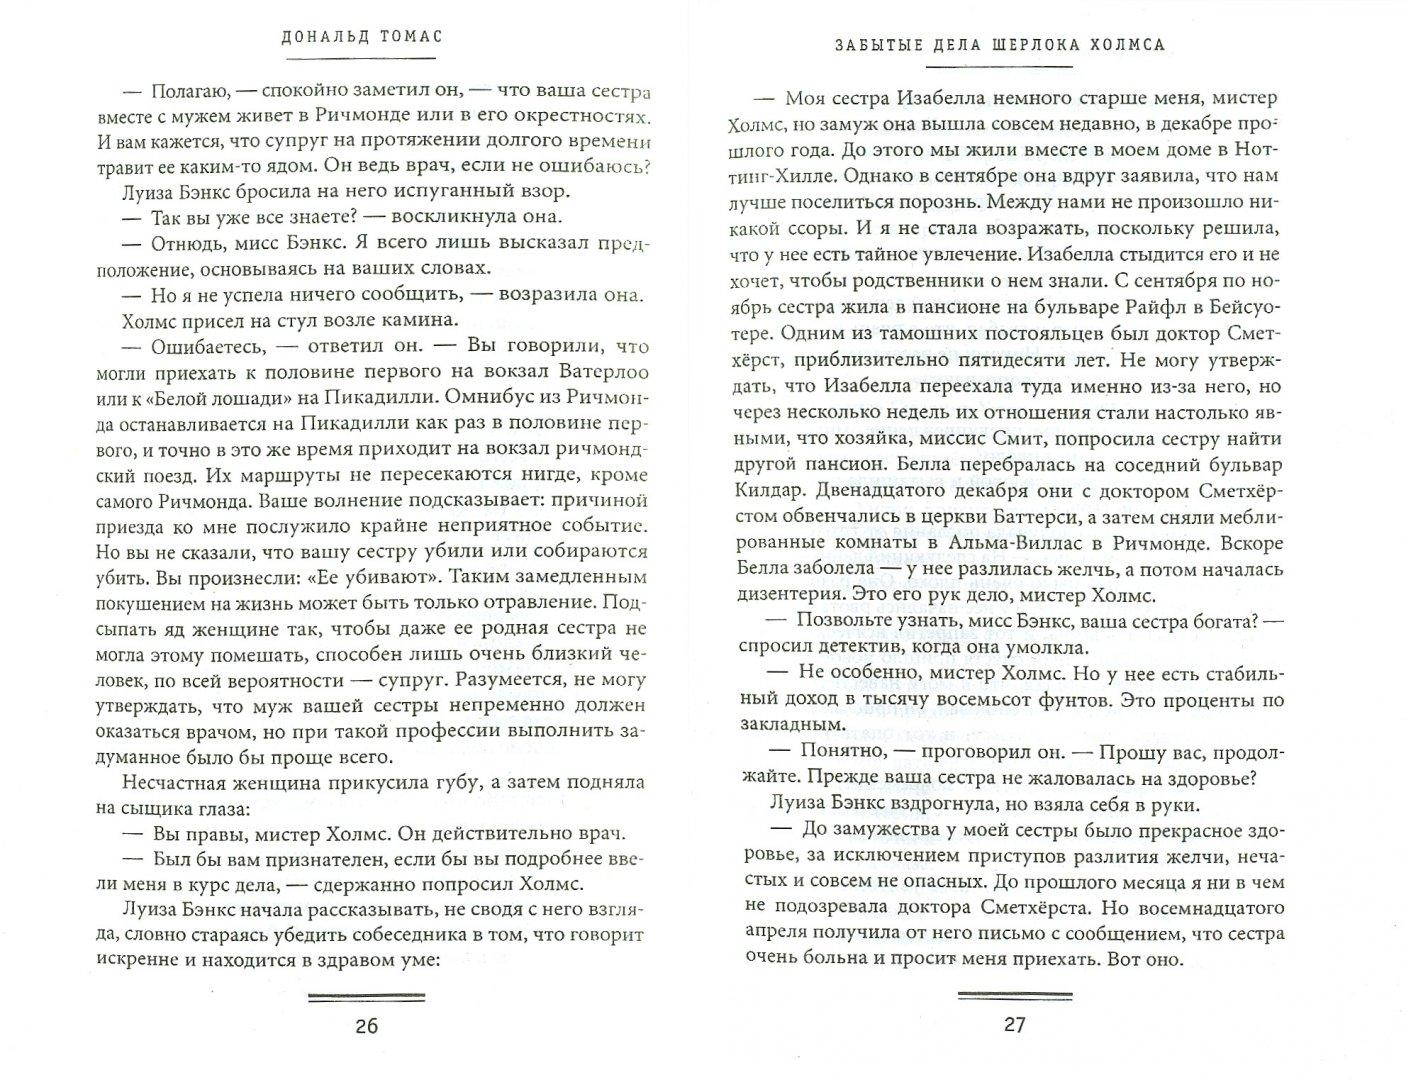 Иллюстрация 1 из 12 для Забытые дела Шерлока Холмса - Дональд Томас | Лабиринт - книги. Источник: Лабиринт